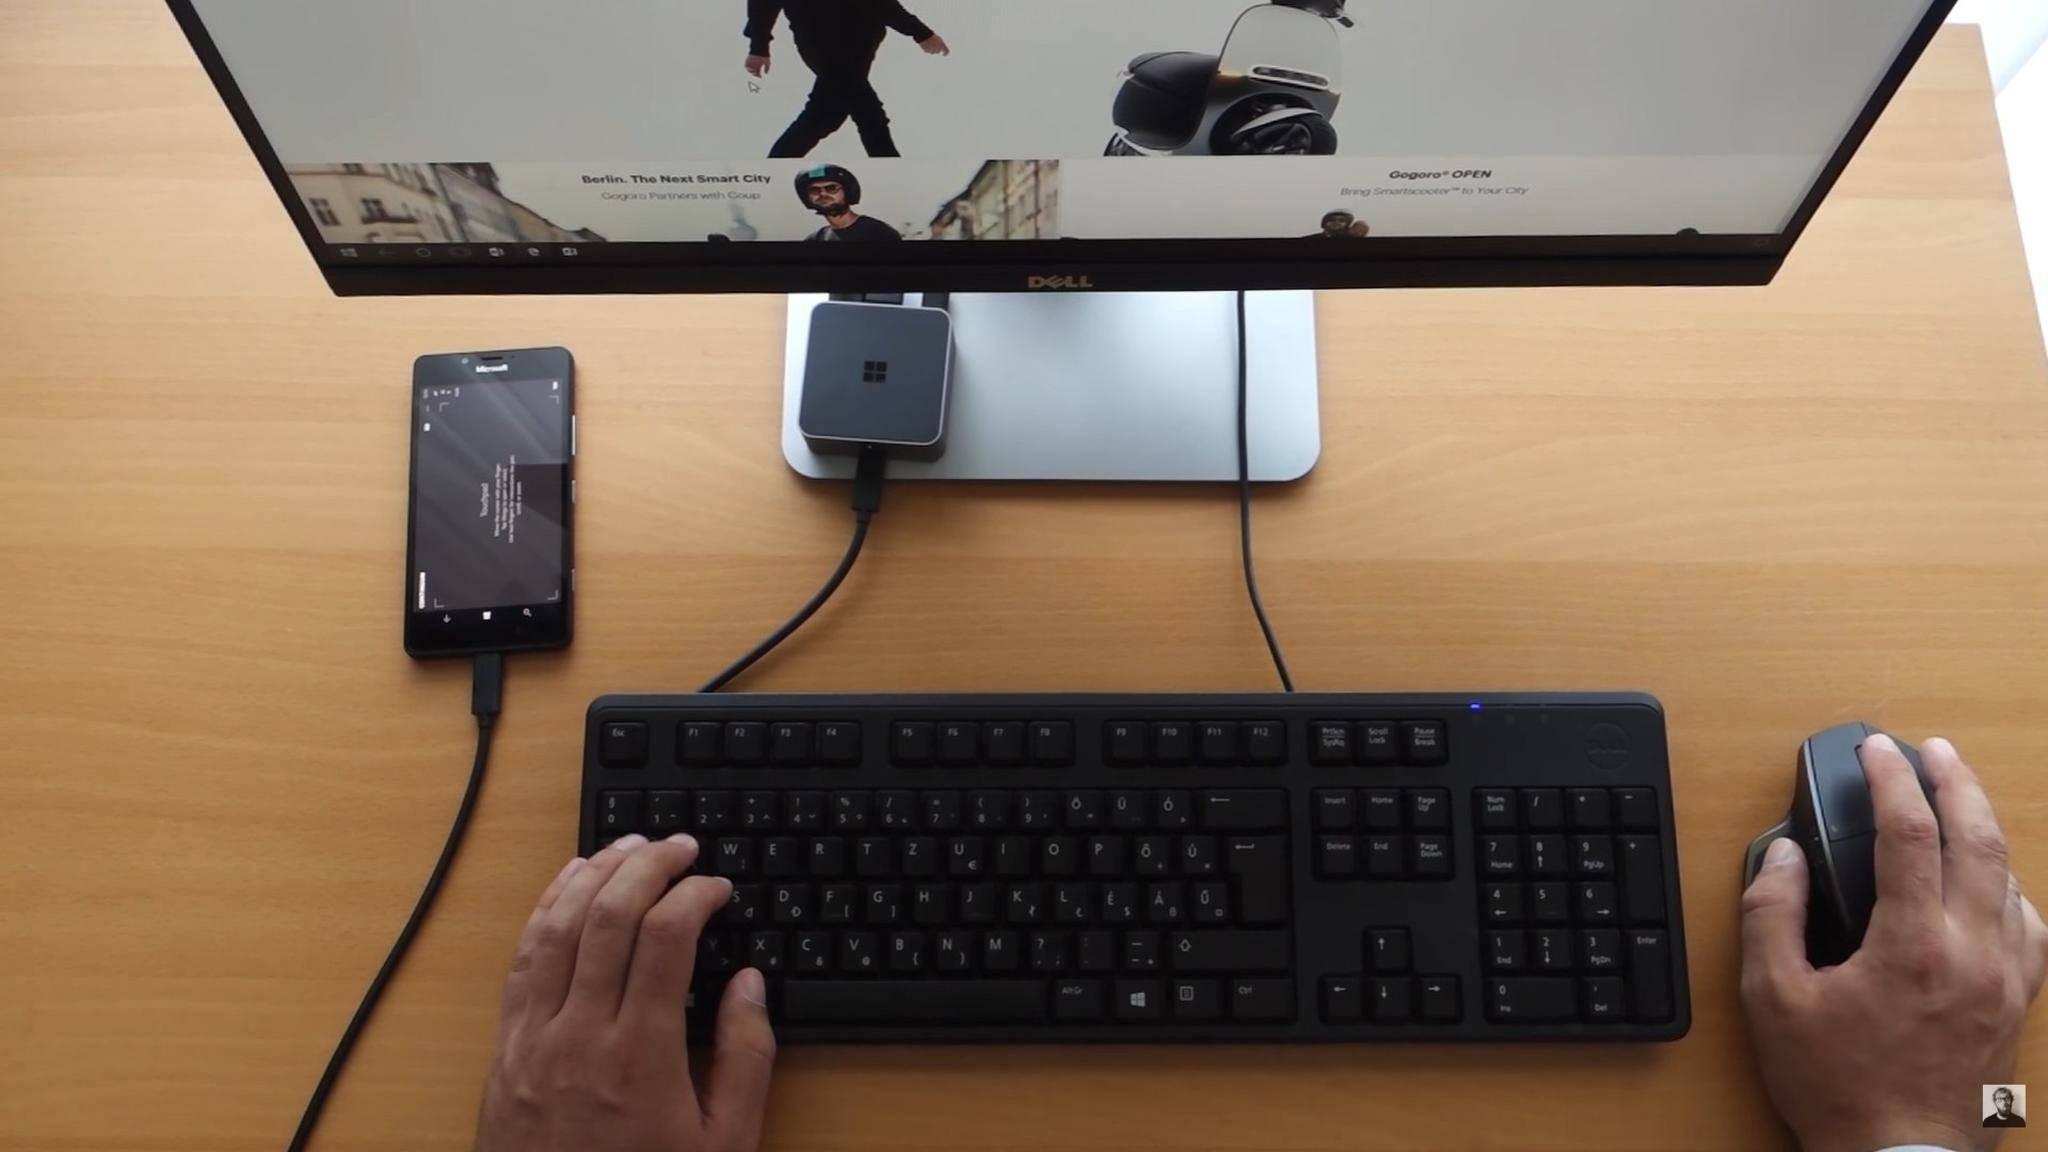 Offenbar soll Continuum für zukünftige Windows-Smartphones eine entscheidende Rolle spielen.